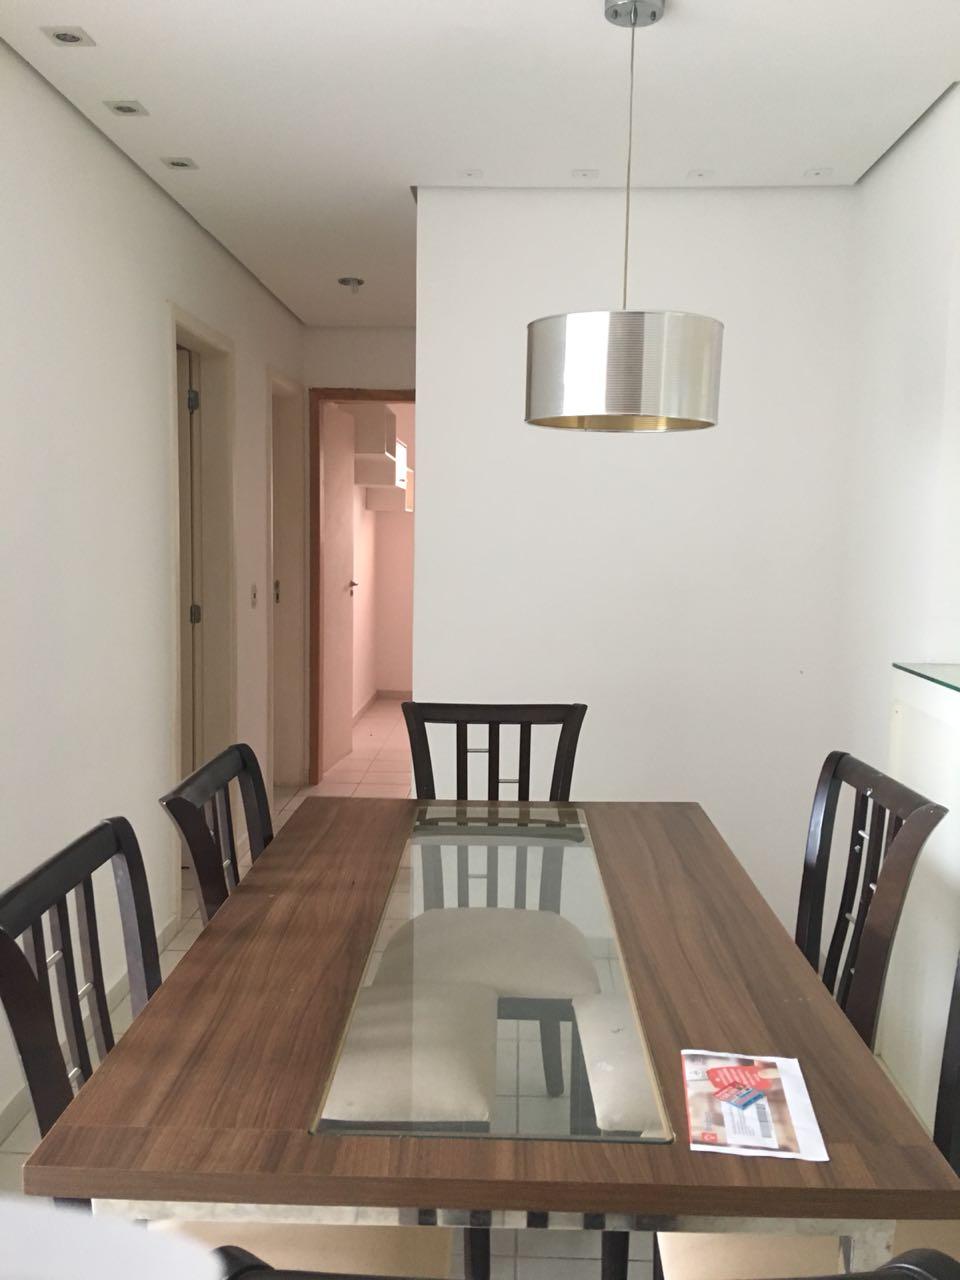 Apartamento à venda,  com 3 quartos sendo 1 suite no PIAZZA DI NAPOLI  em Cuiabá MT 101 11700